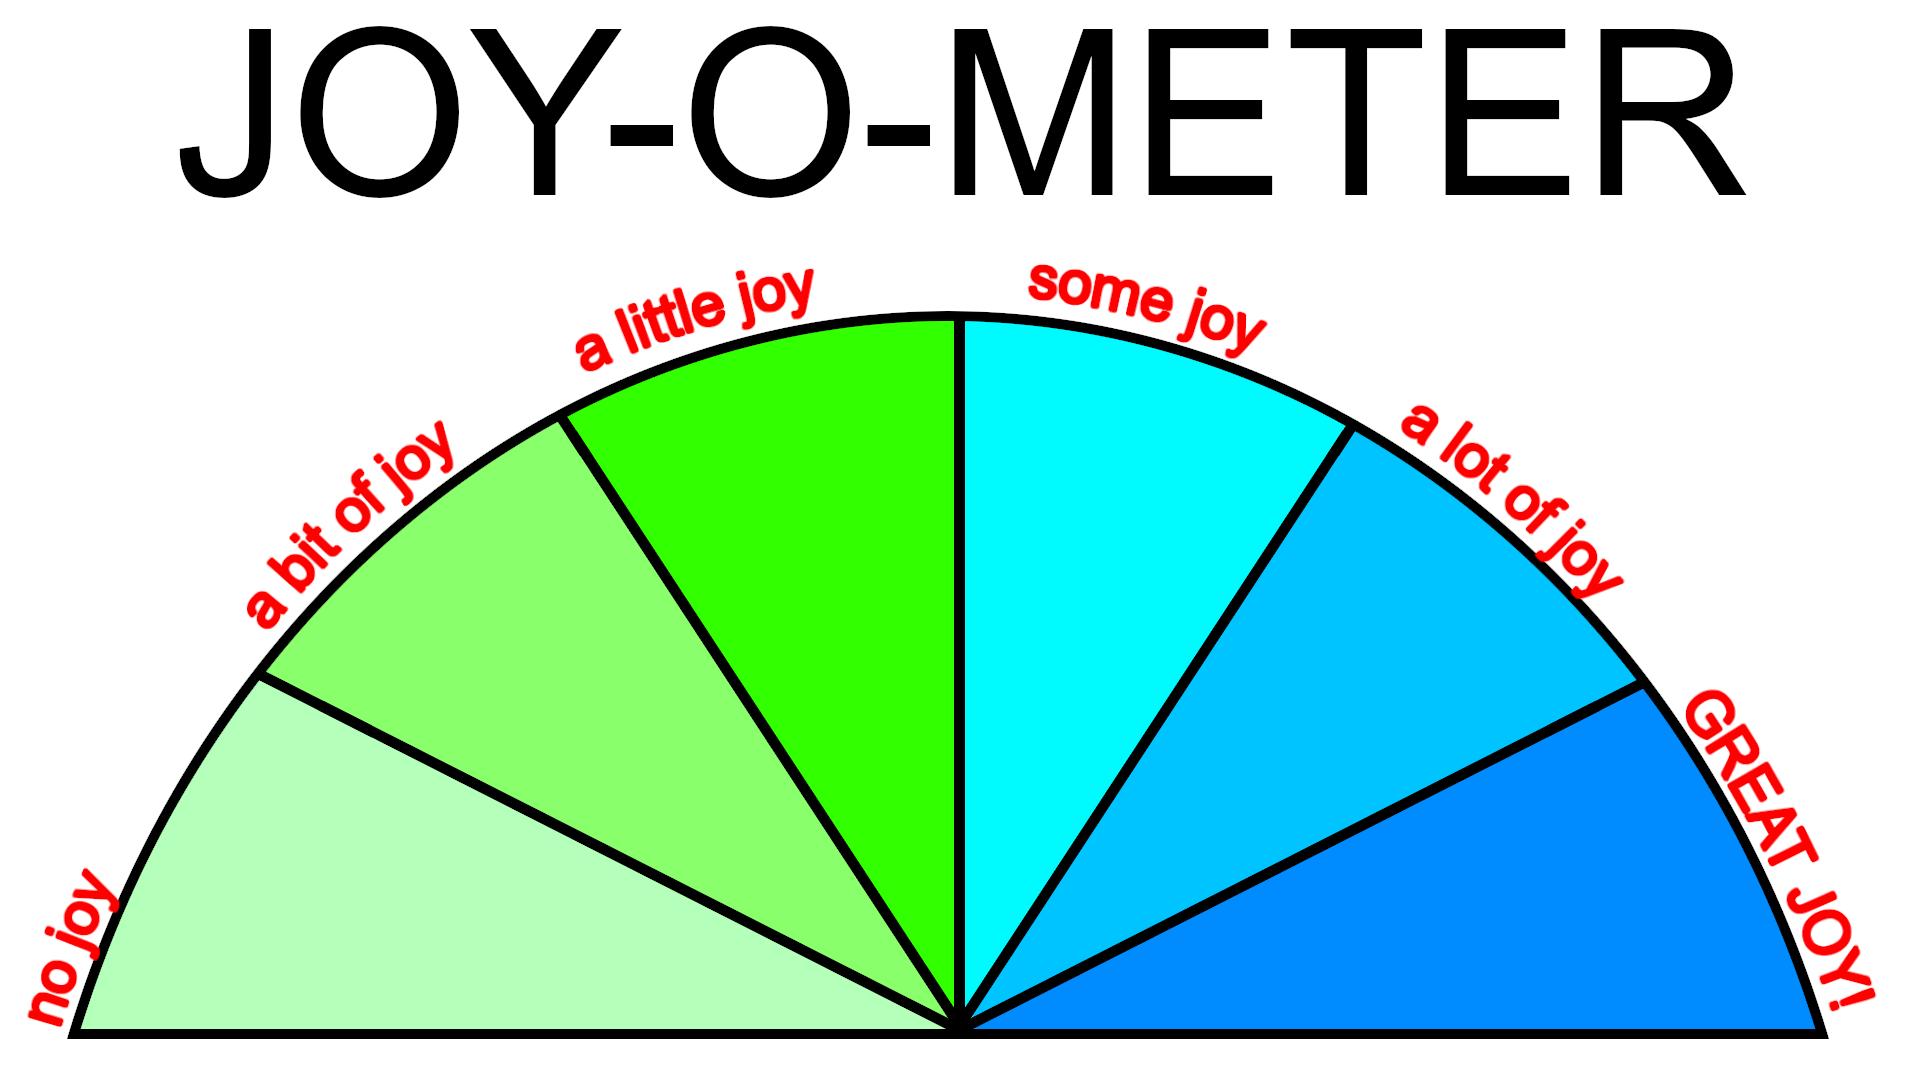 Joy-o-meter